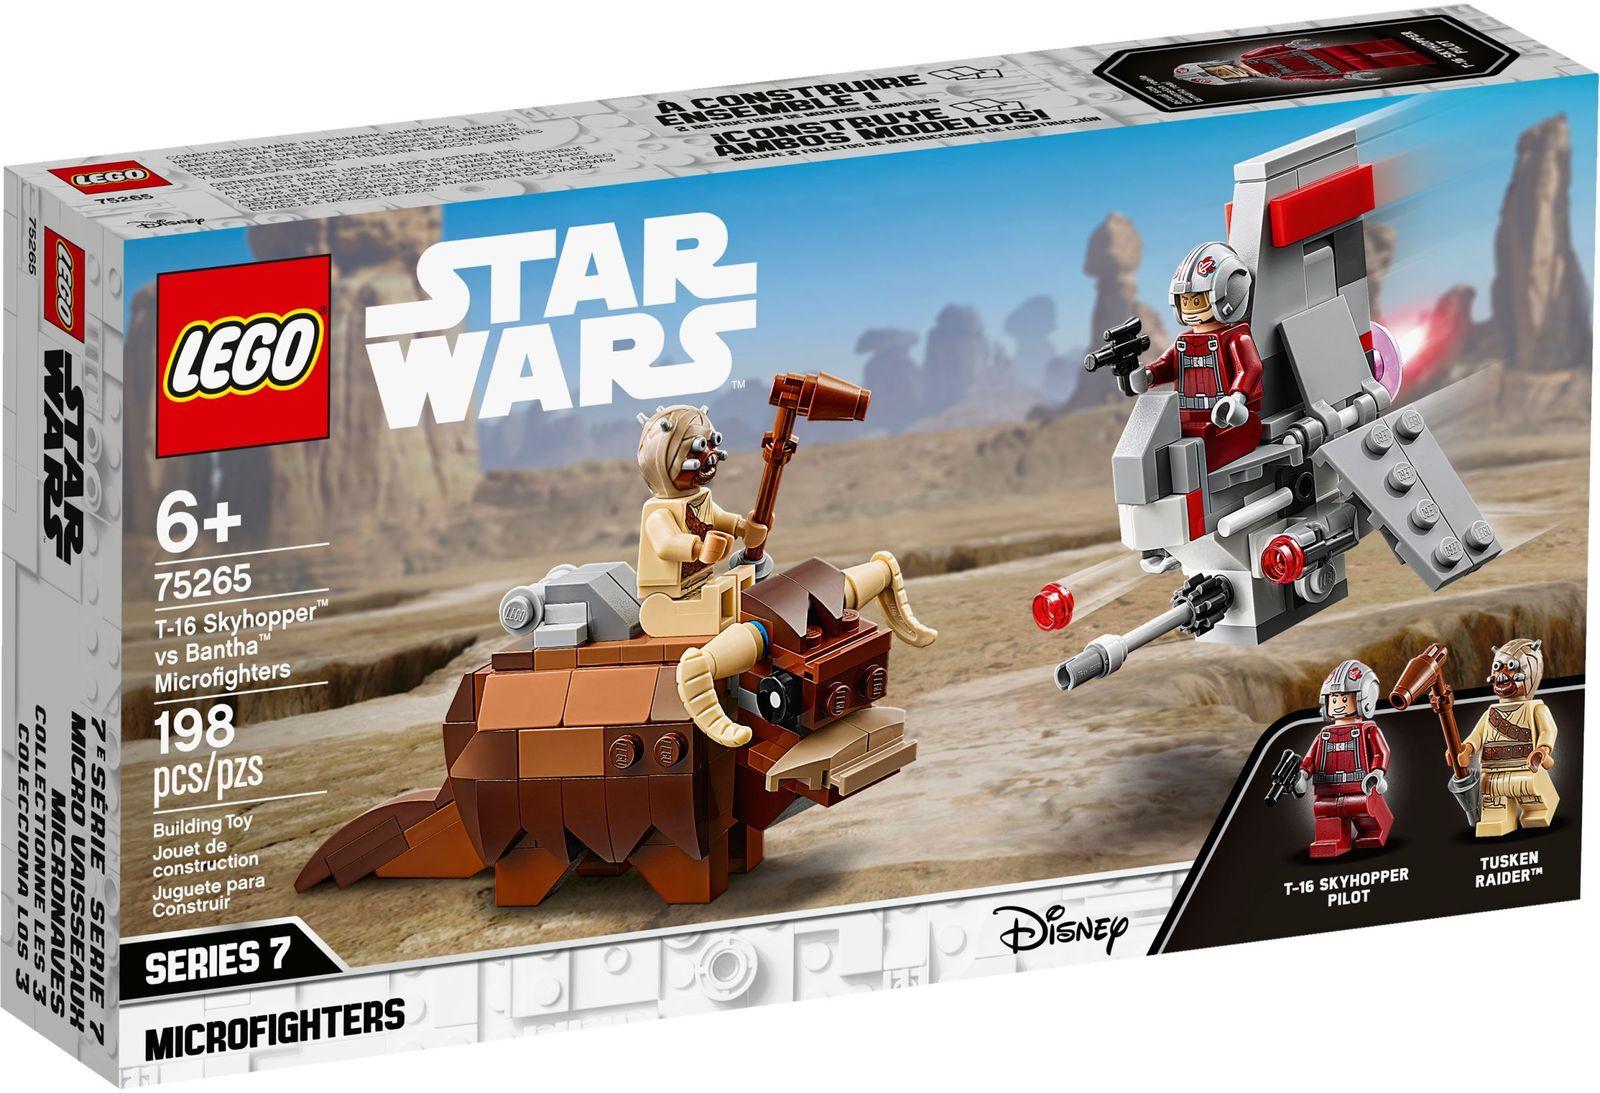 LEGO Star Wars - T-16 Skyhopper vs Bantha image